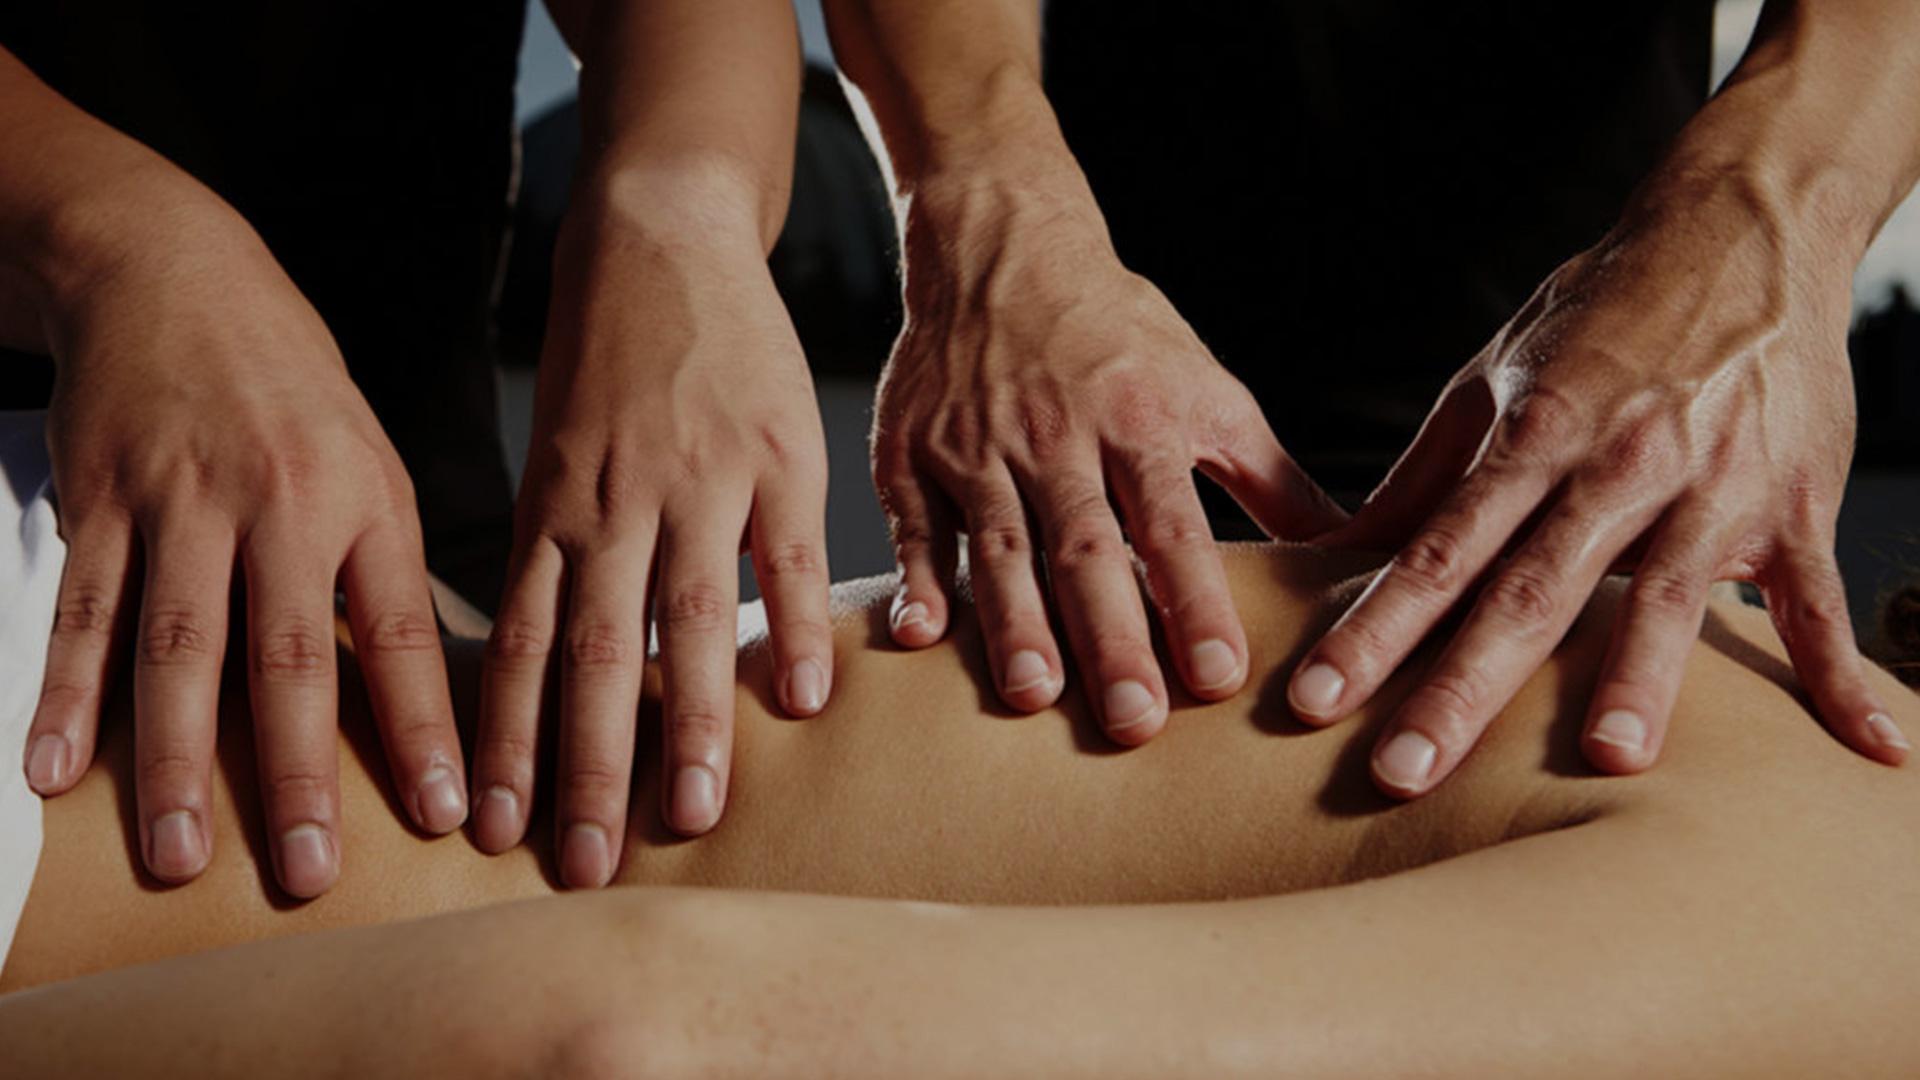 fourhands_massage